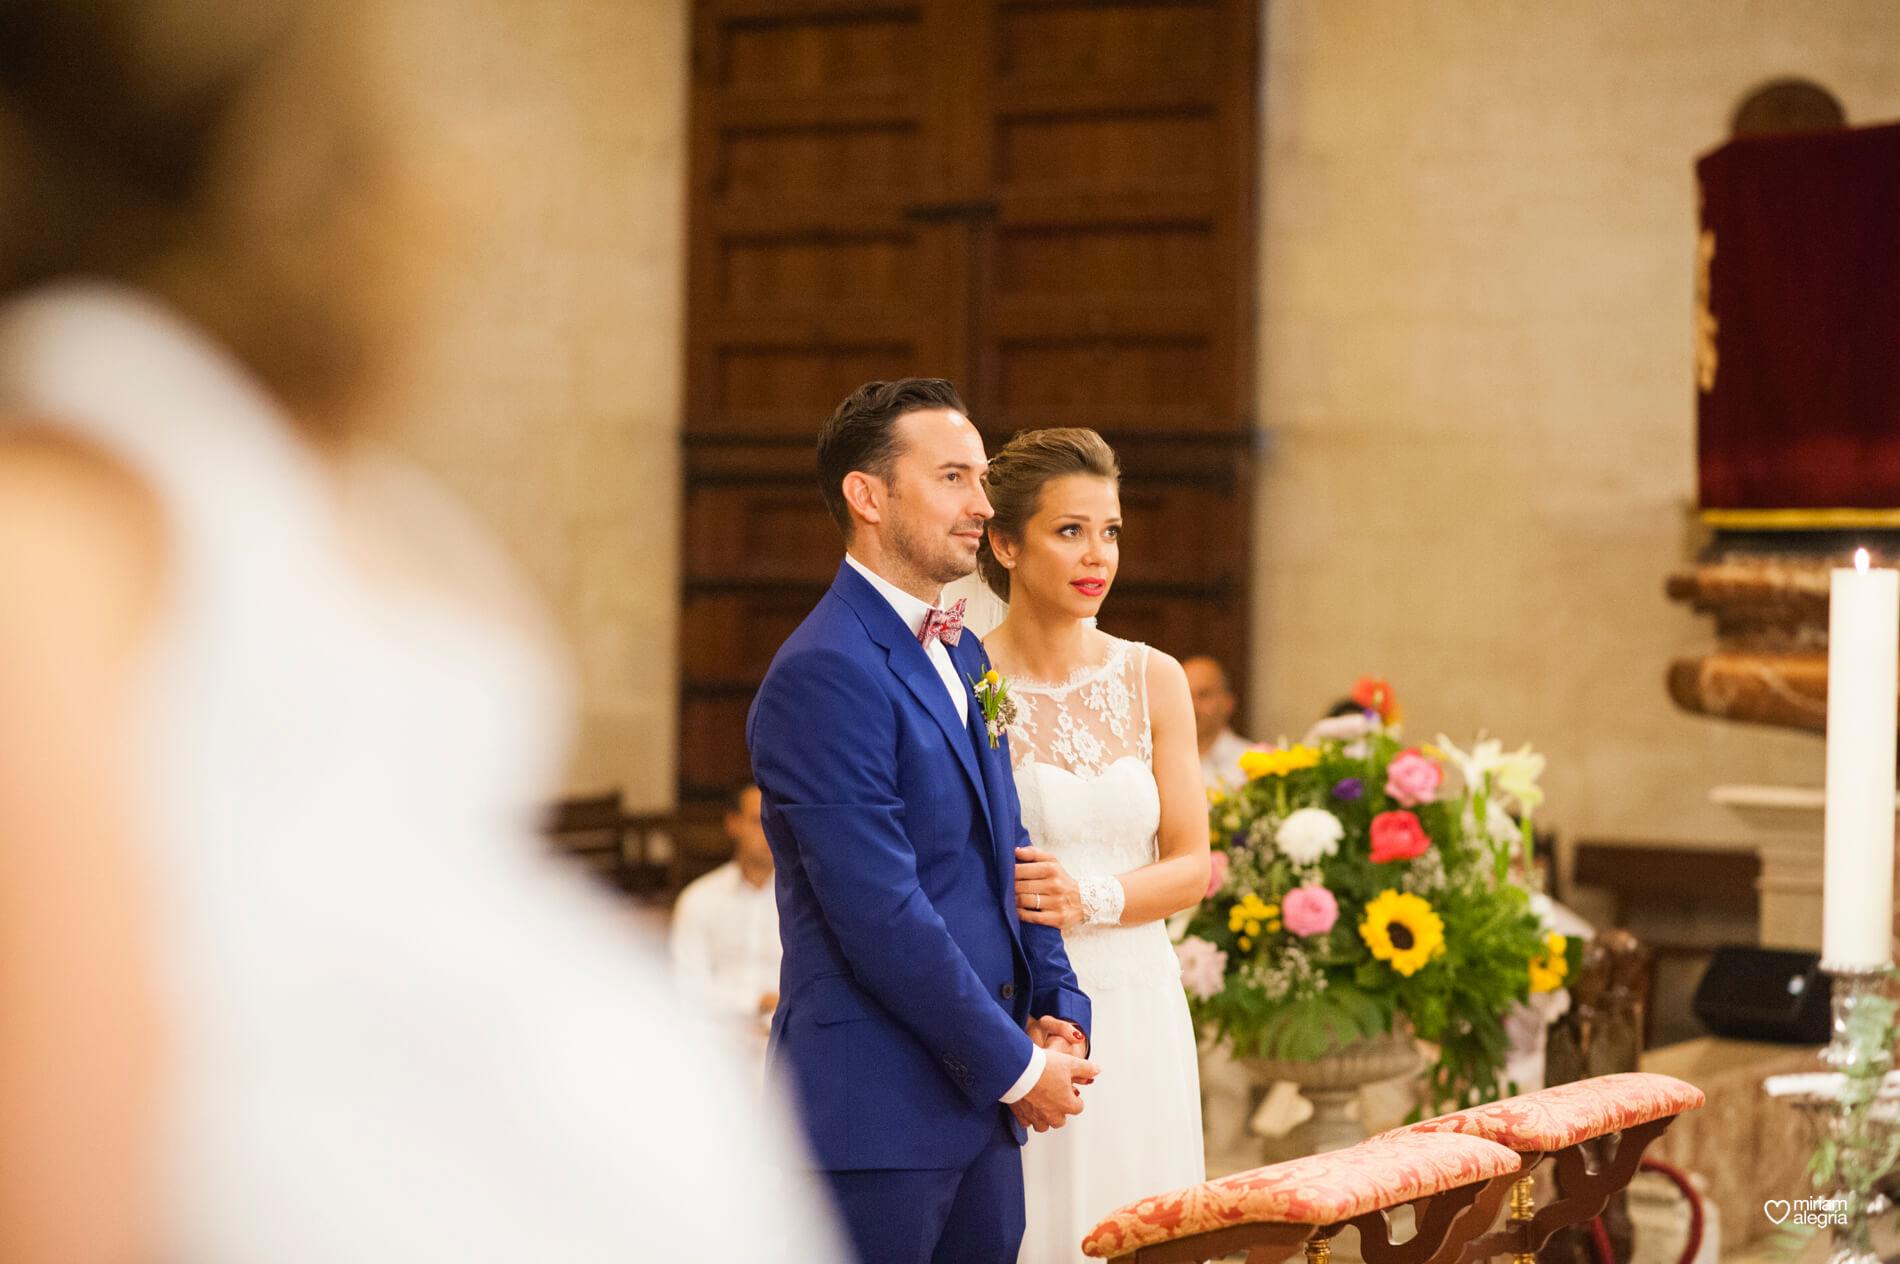 wedding-huerto-del-cura-elche-miriam-alegria-fotografos-boda-228